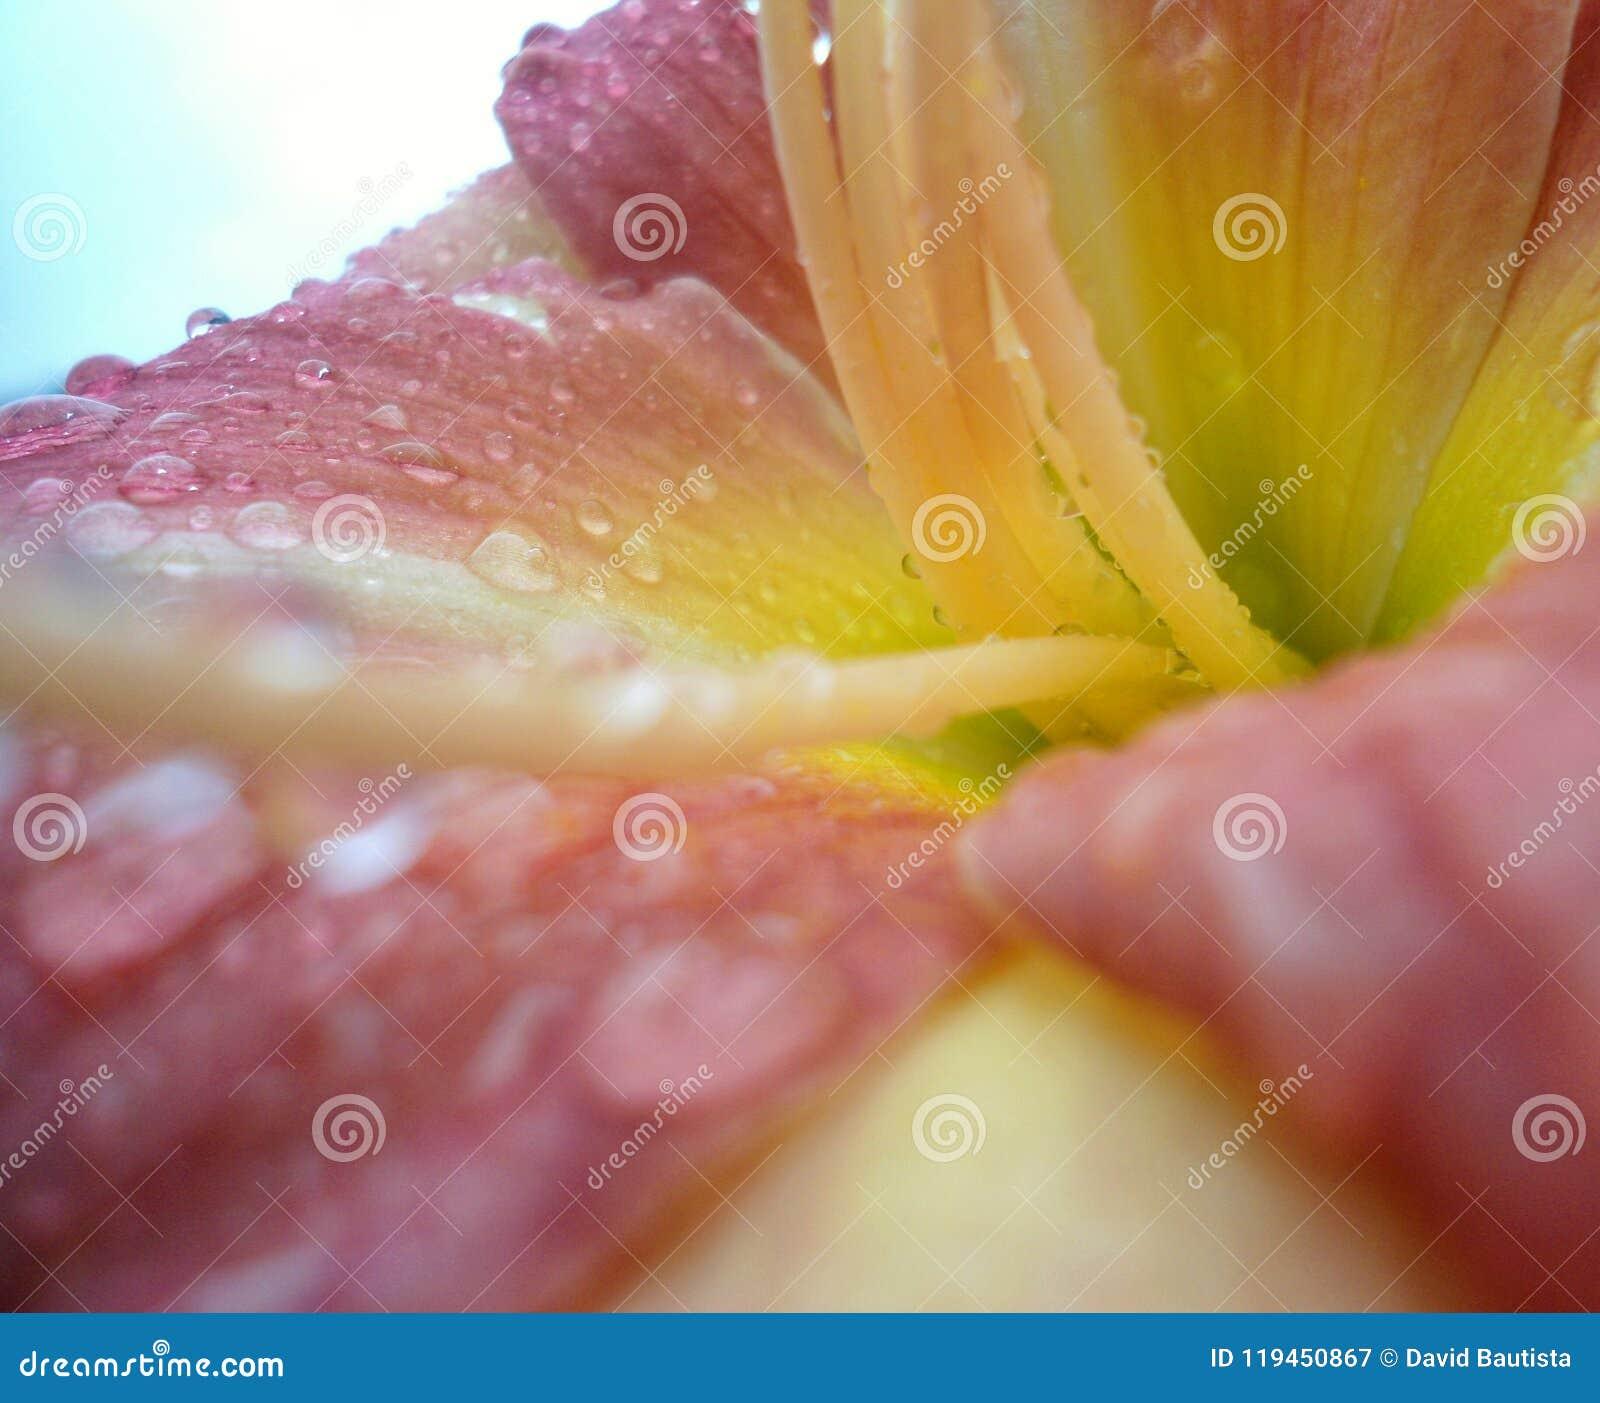 Inre sikt av en rosa blomma med den gula mitten, med långa trådlika stamens och många droppar av vatten på kronbladen